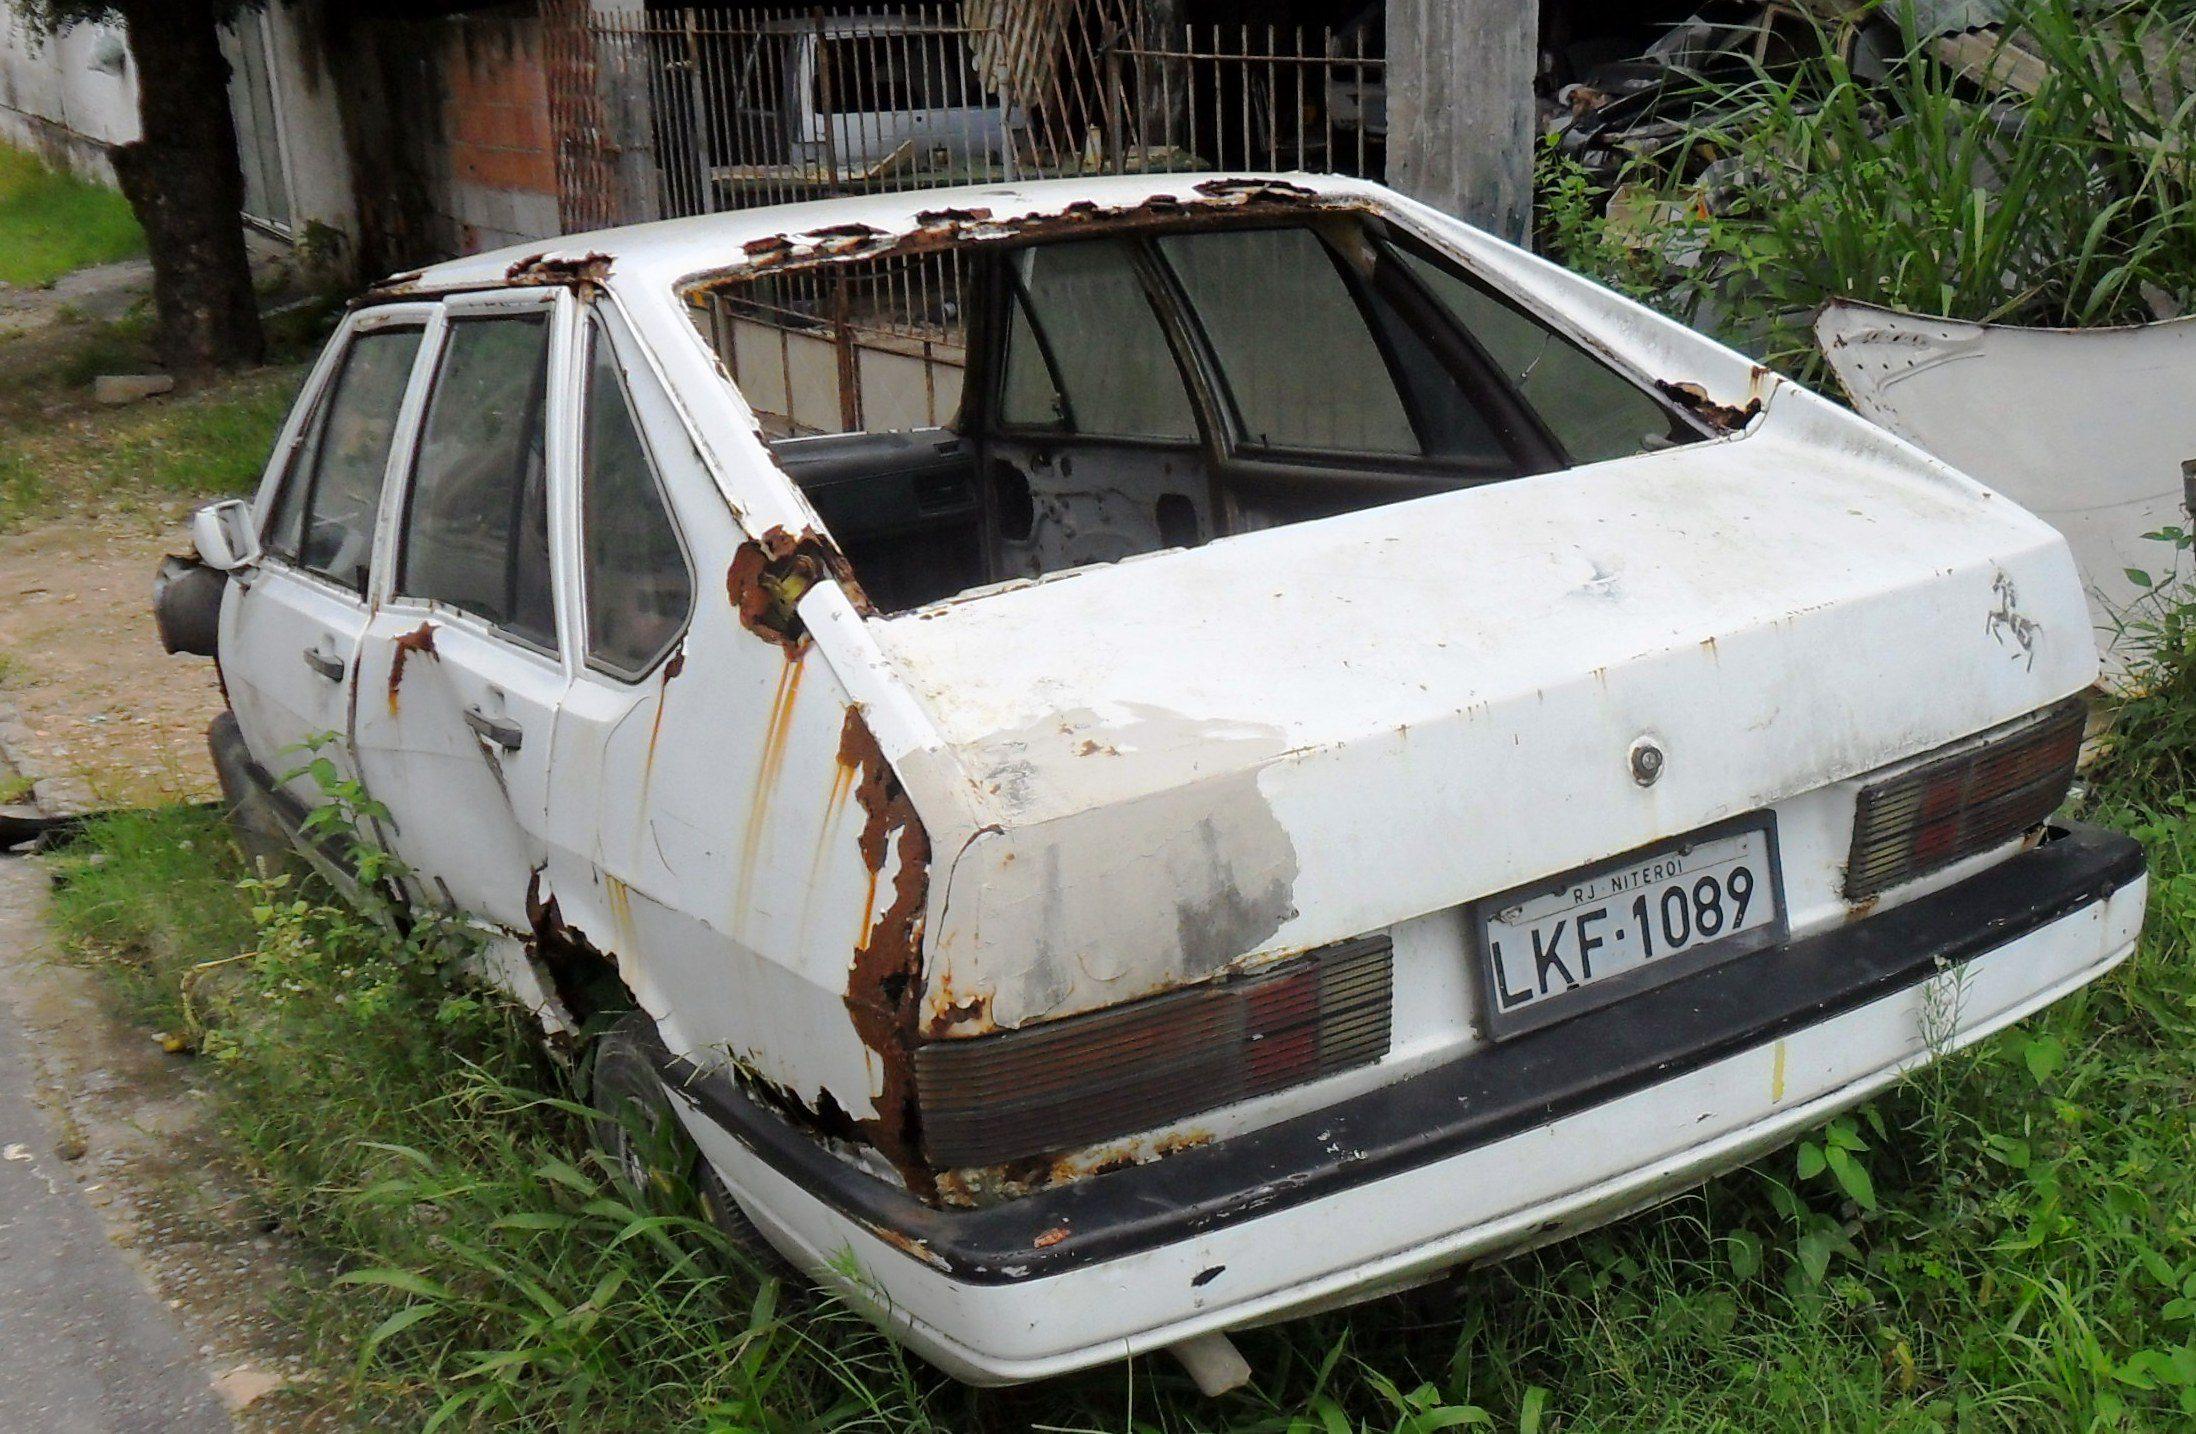 Ujozemar-de-santa-barbara-niteroi-Passat-Iraque Volkswagen Passat